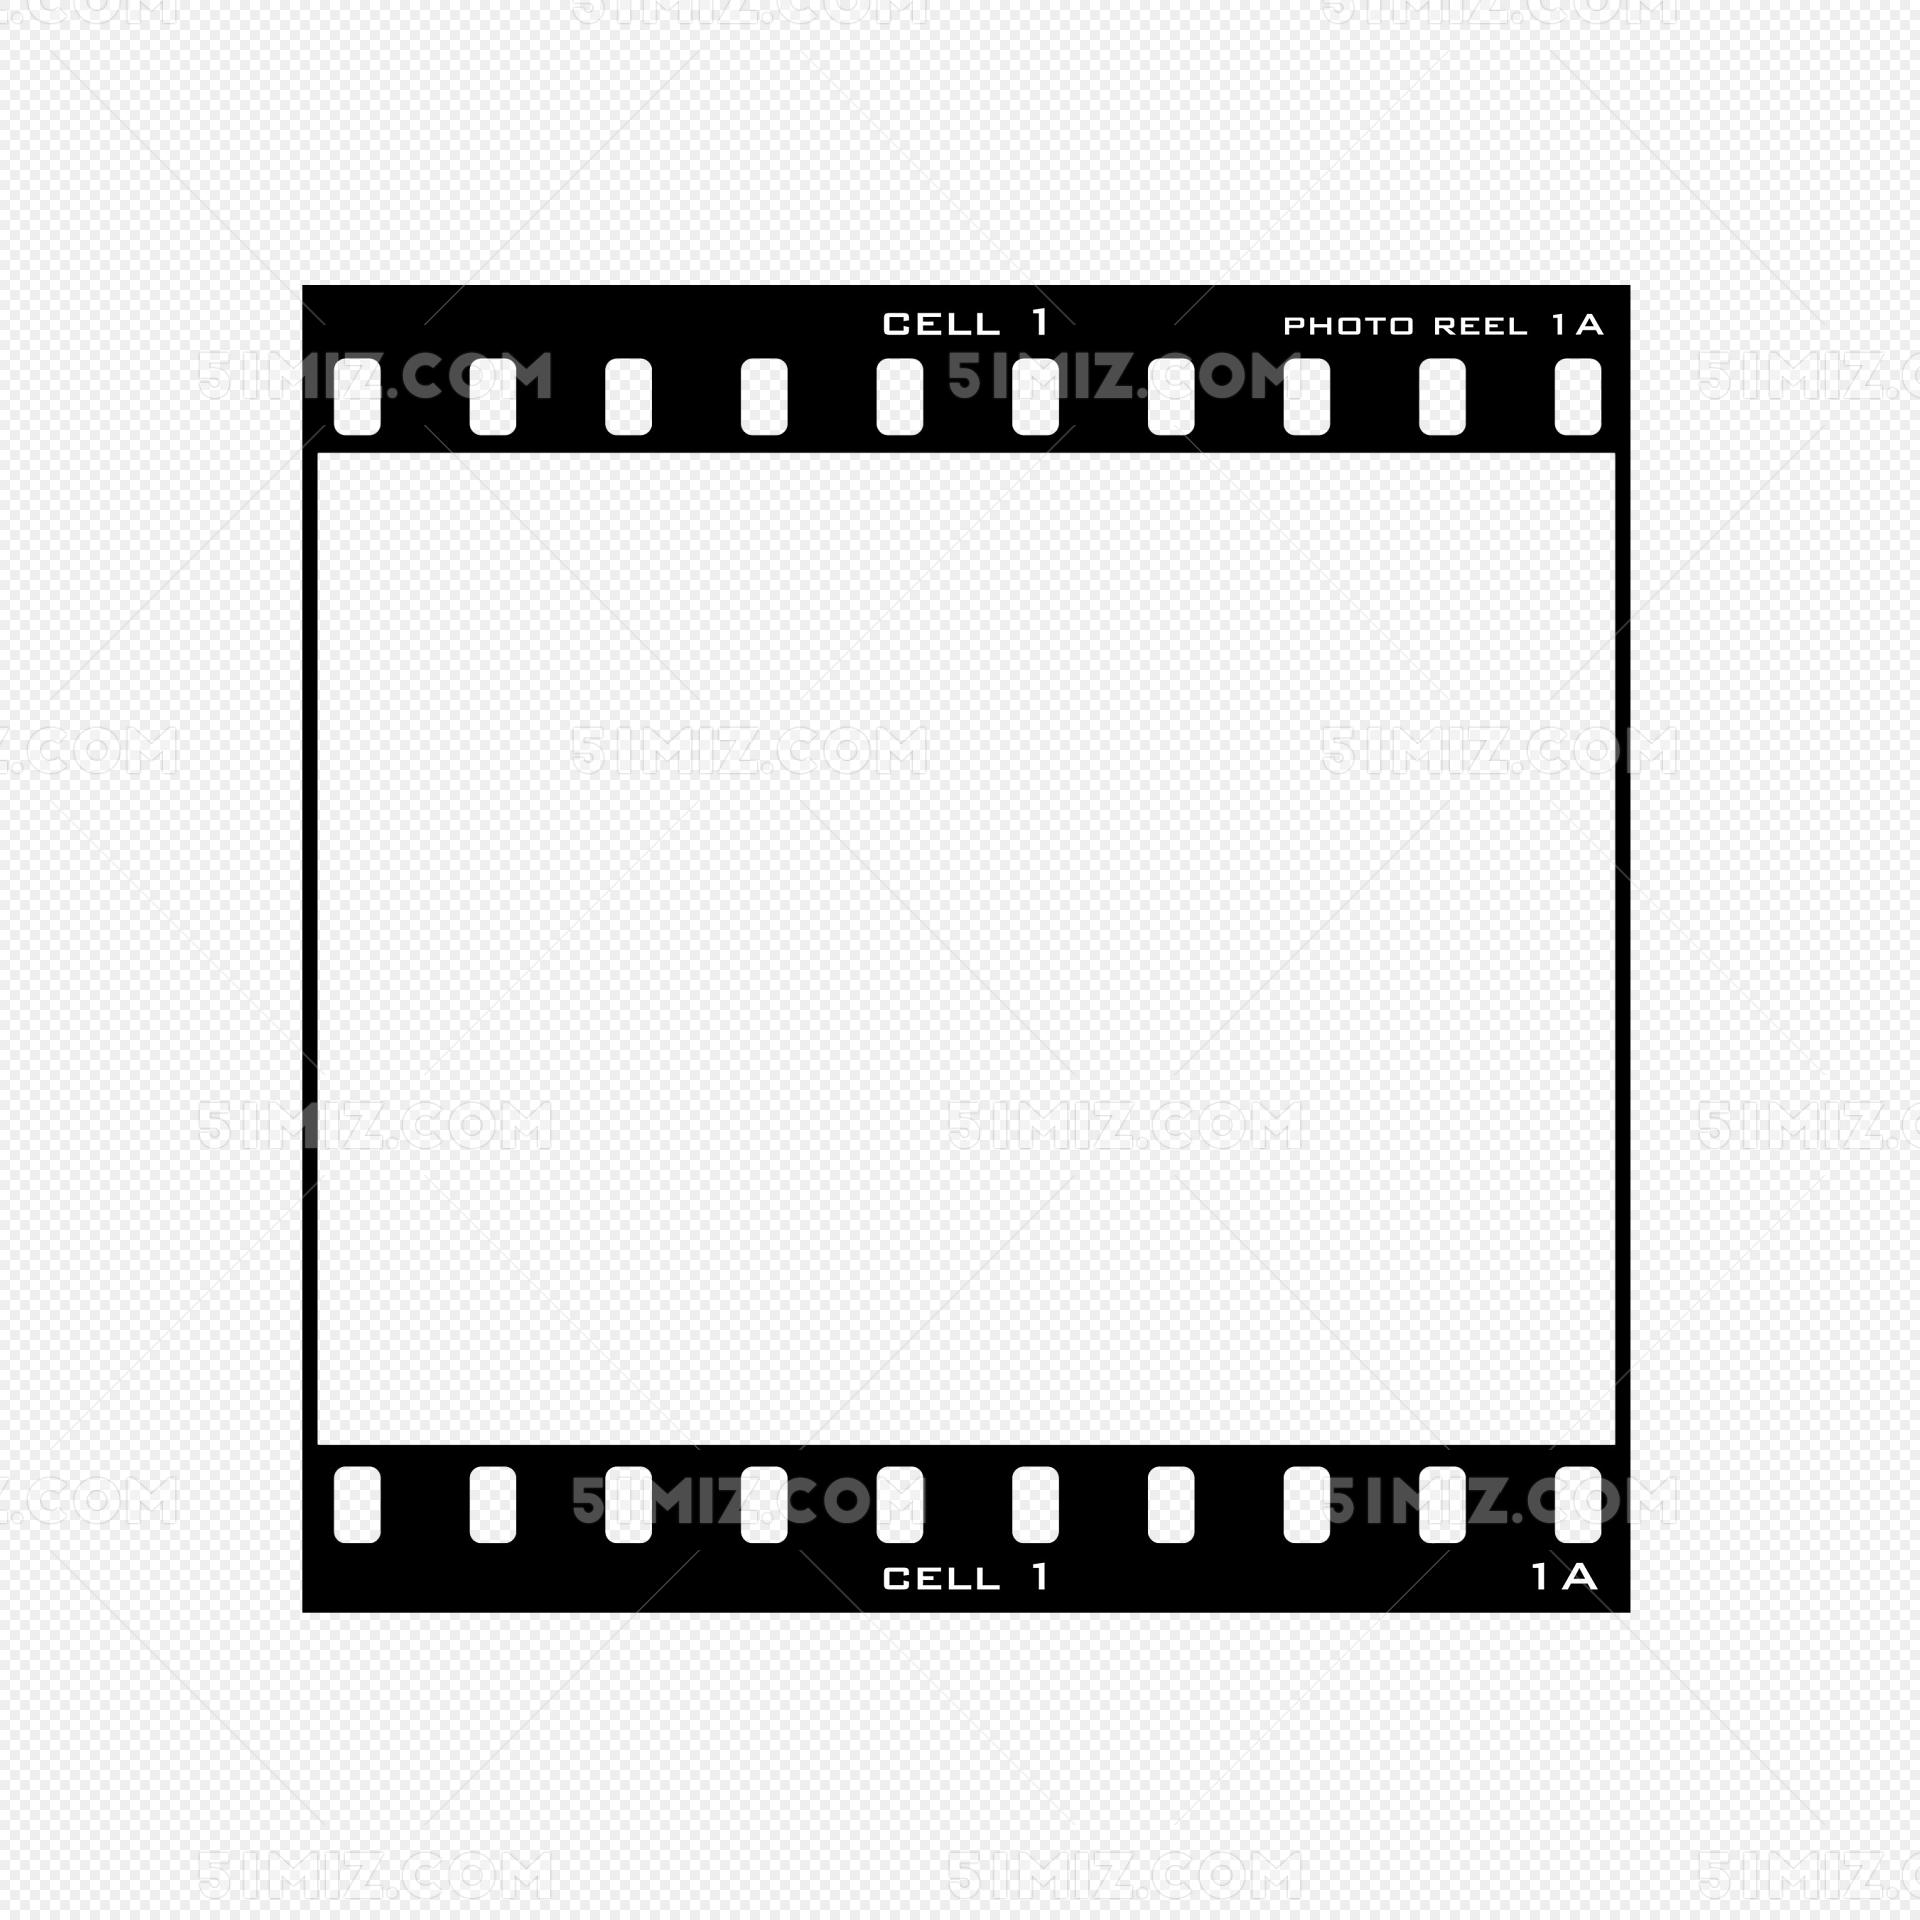 黑色几何手绘胶卷边框